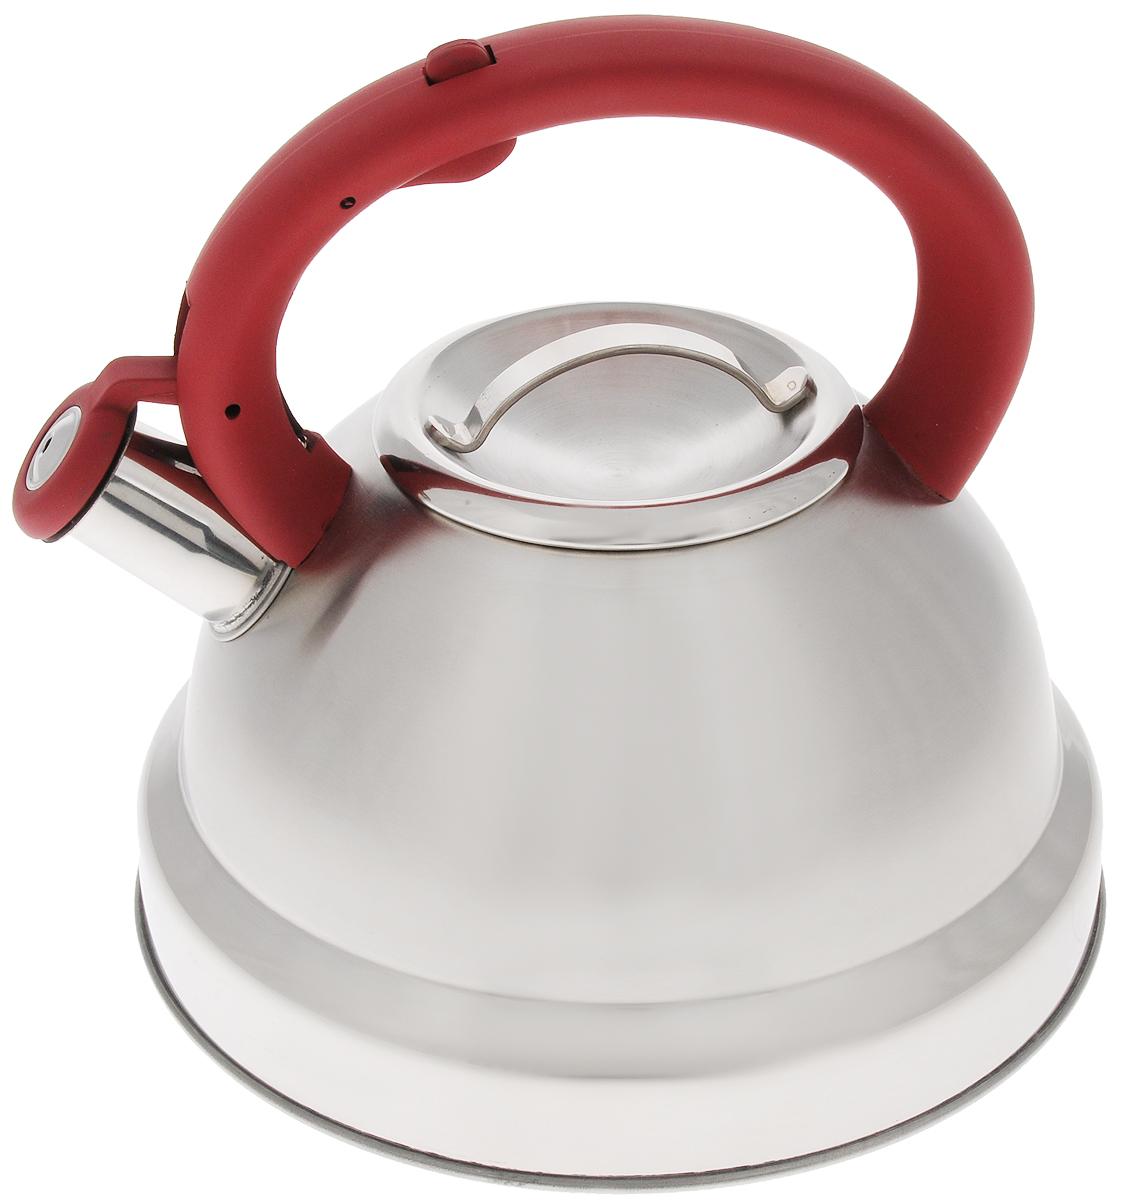 Чайник Mayer & Boch, со свистком, 3,5 л. 21419CM000001326Чайник Mayer & Boch выполнен из высококачественной нержавеющей стали. Фиксированная ручка снабжена механизмом для открывания носика, что делает использование чайника очень удобным и безопасным. Носик чайника оснащен свистком, что позволит вам контролировать процесс подогрева или кипячения воды.Эстетичный и функциональный чайник будет оригинально смотреться в любом интерьере.. Подходит для всех видов плит, включая индукционные. Можно мыть в посудомоечной машине. Диаметр чайника (по верхнему краю): 10 см.Диаметр основания: 22 см. Высота чайника (с учетом ручки): 20,5 см.Диаметр индукционного диска: 17,5 см.